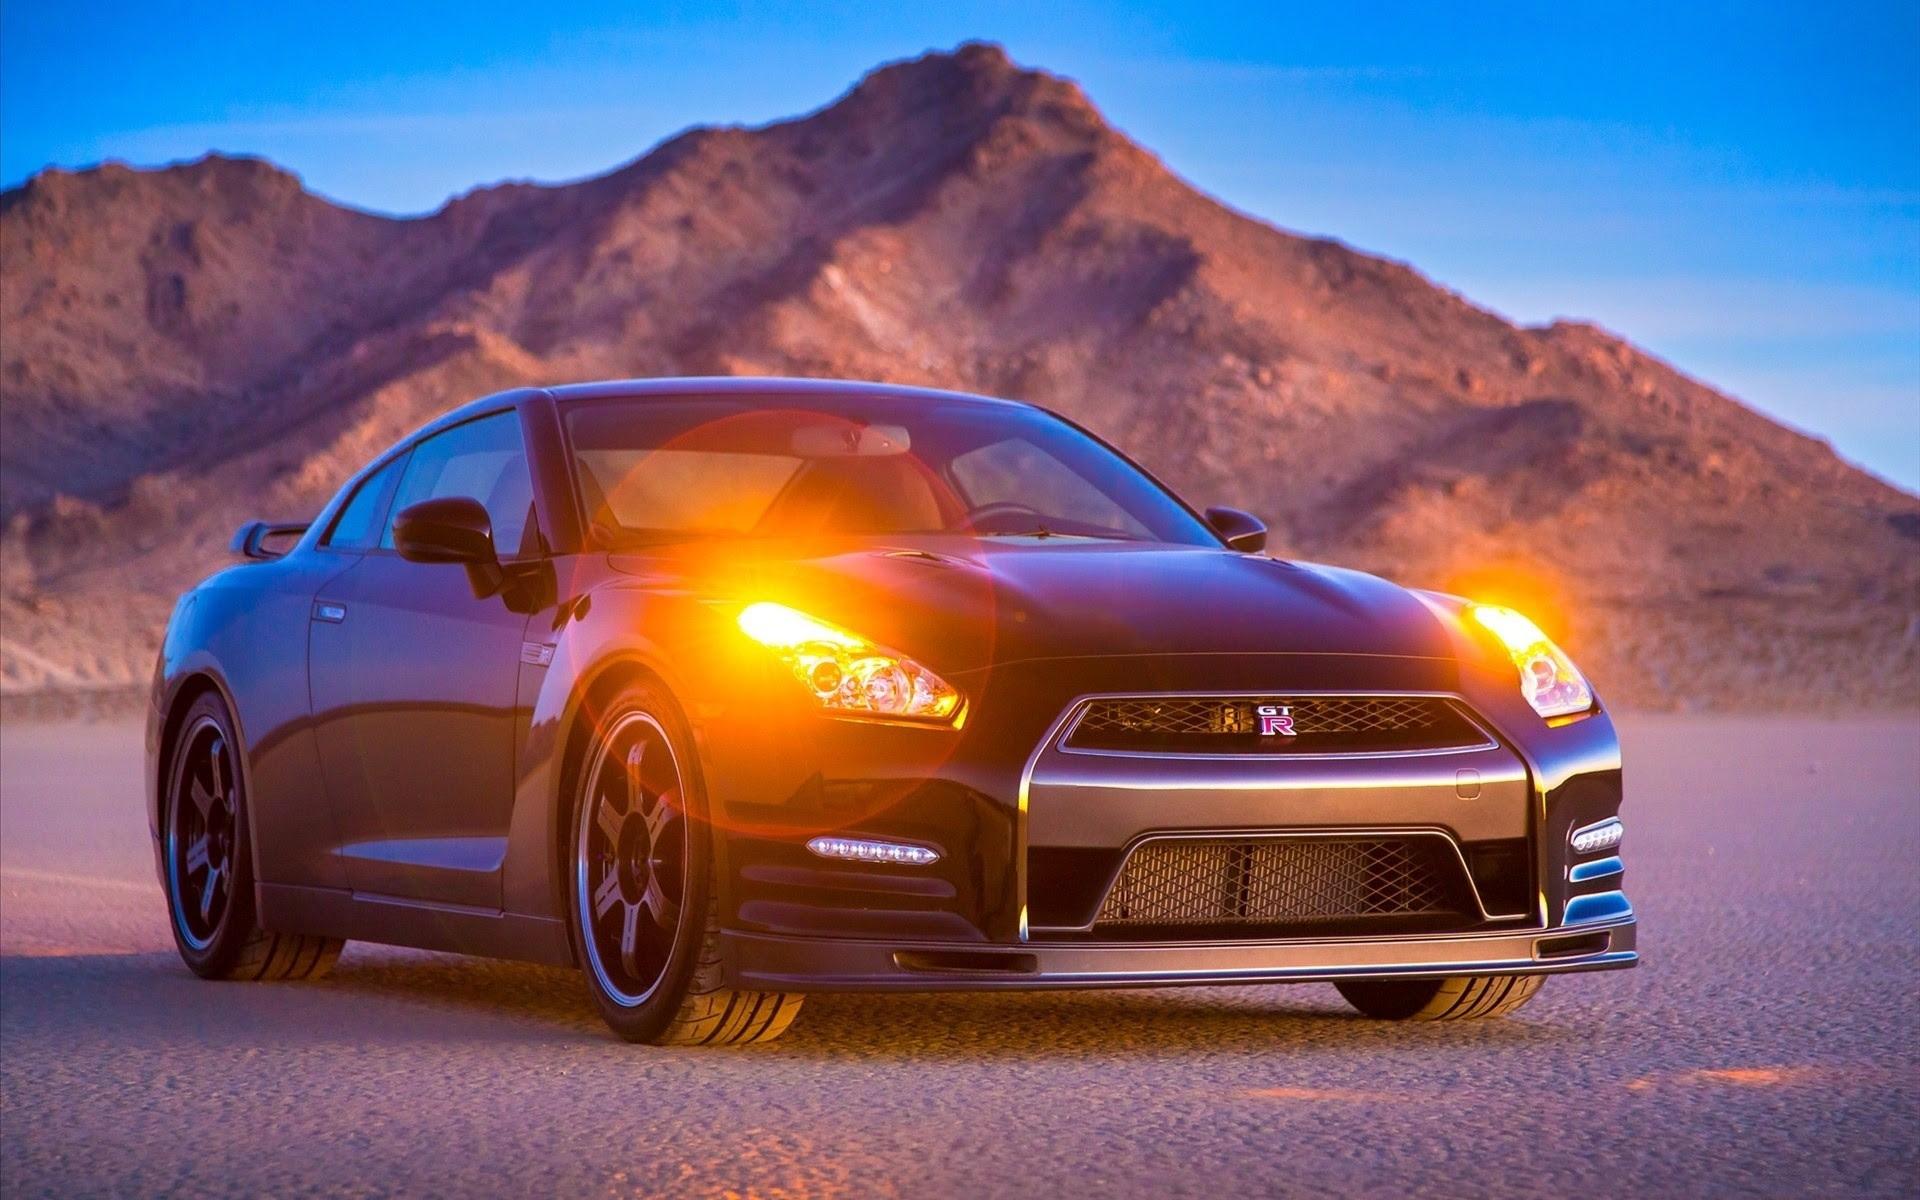 Nissan GTR In Desert, HD Cars, 4k Wallpapers, Images ...